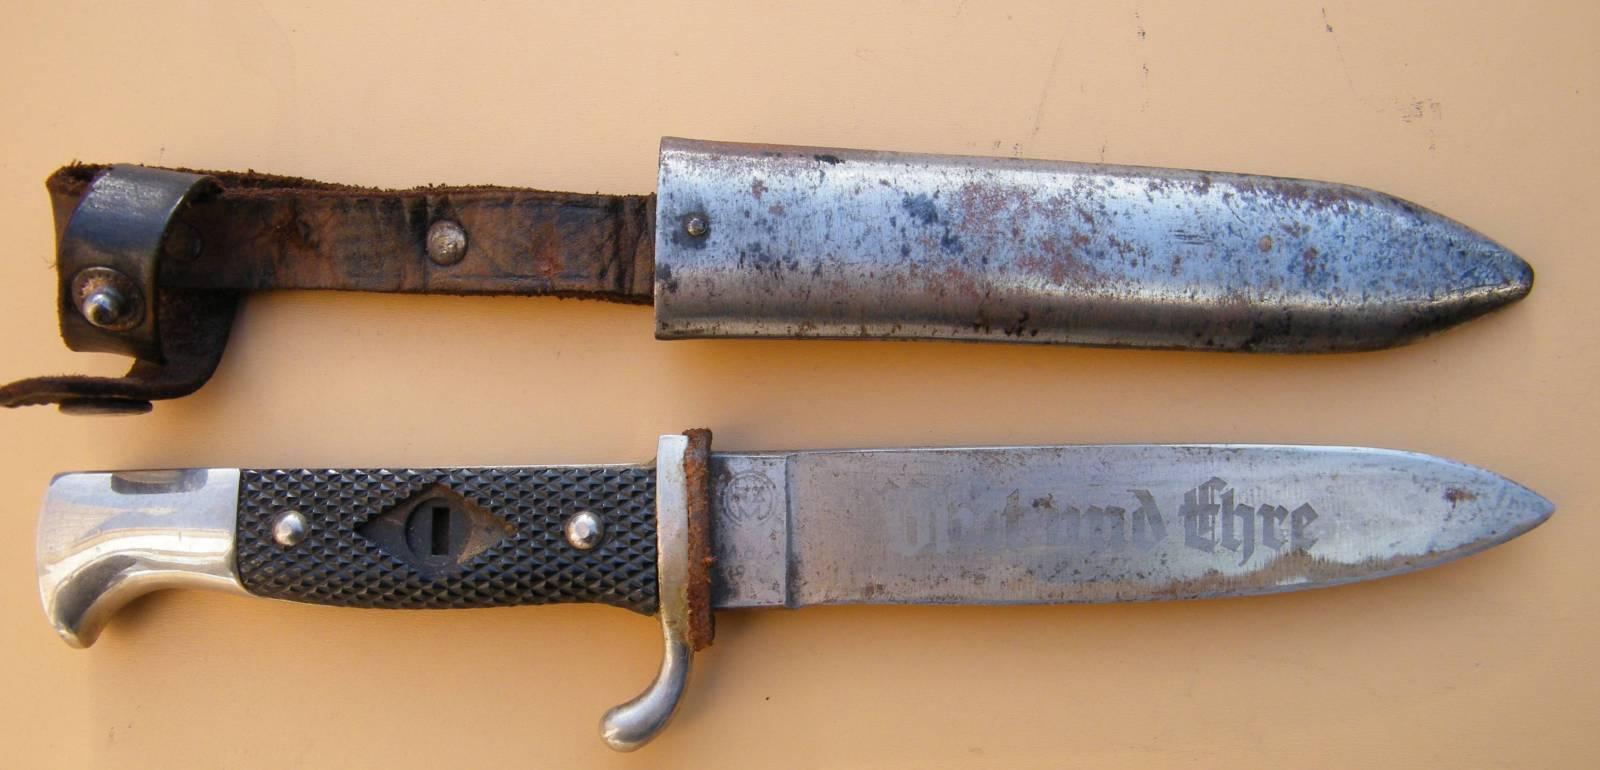 couteau hj copie ou pas Dg045w